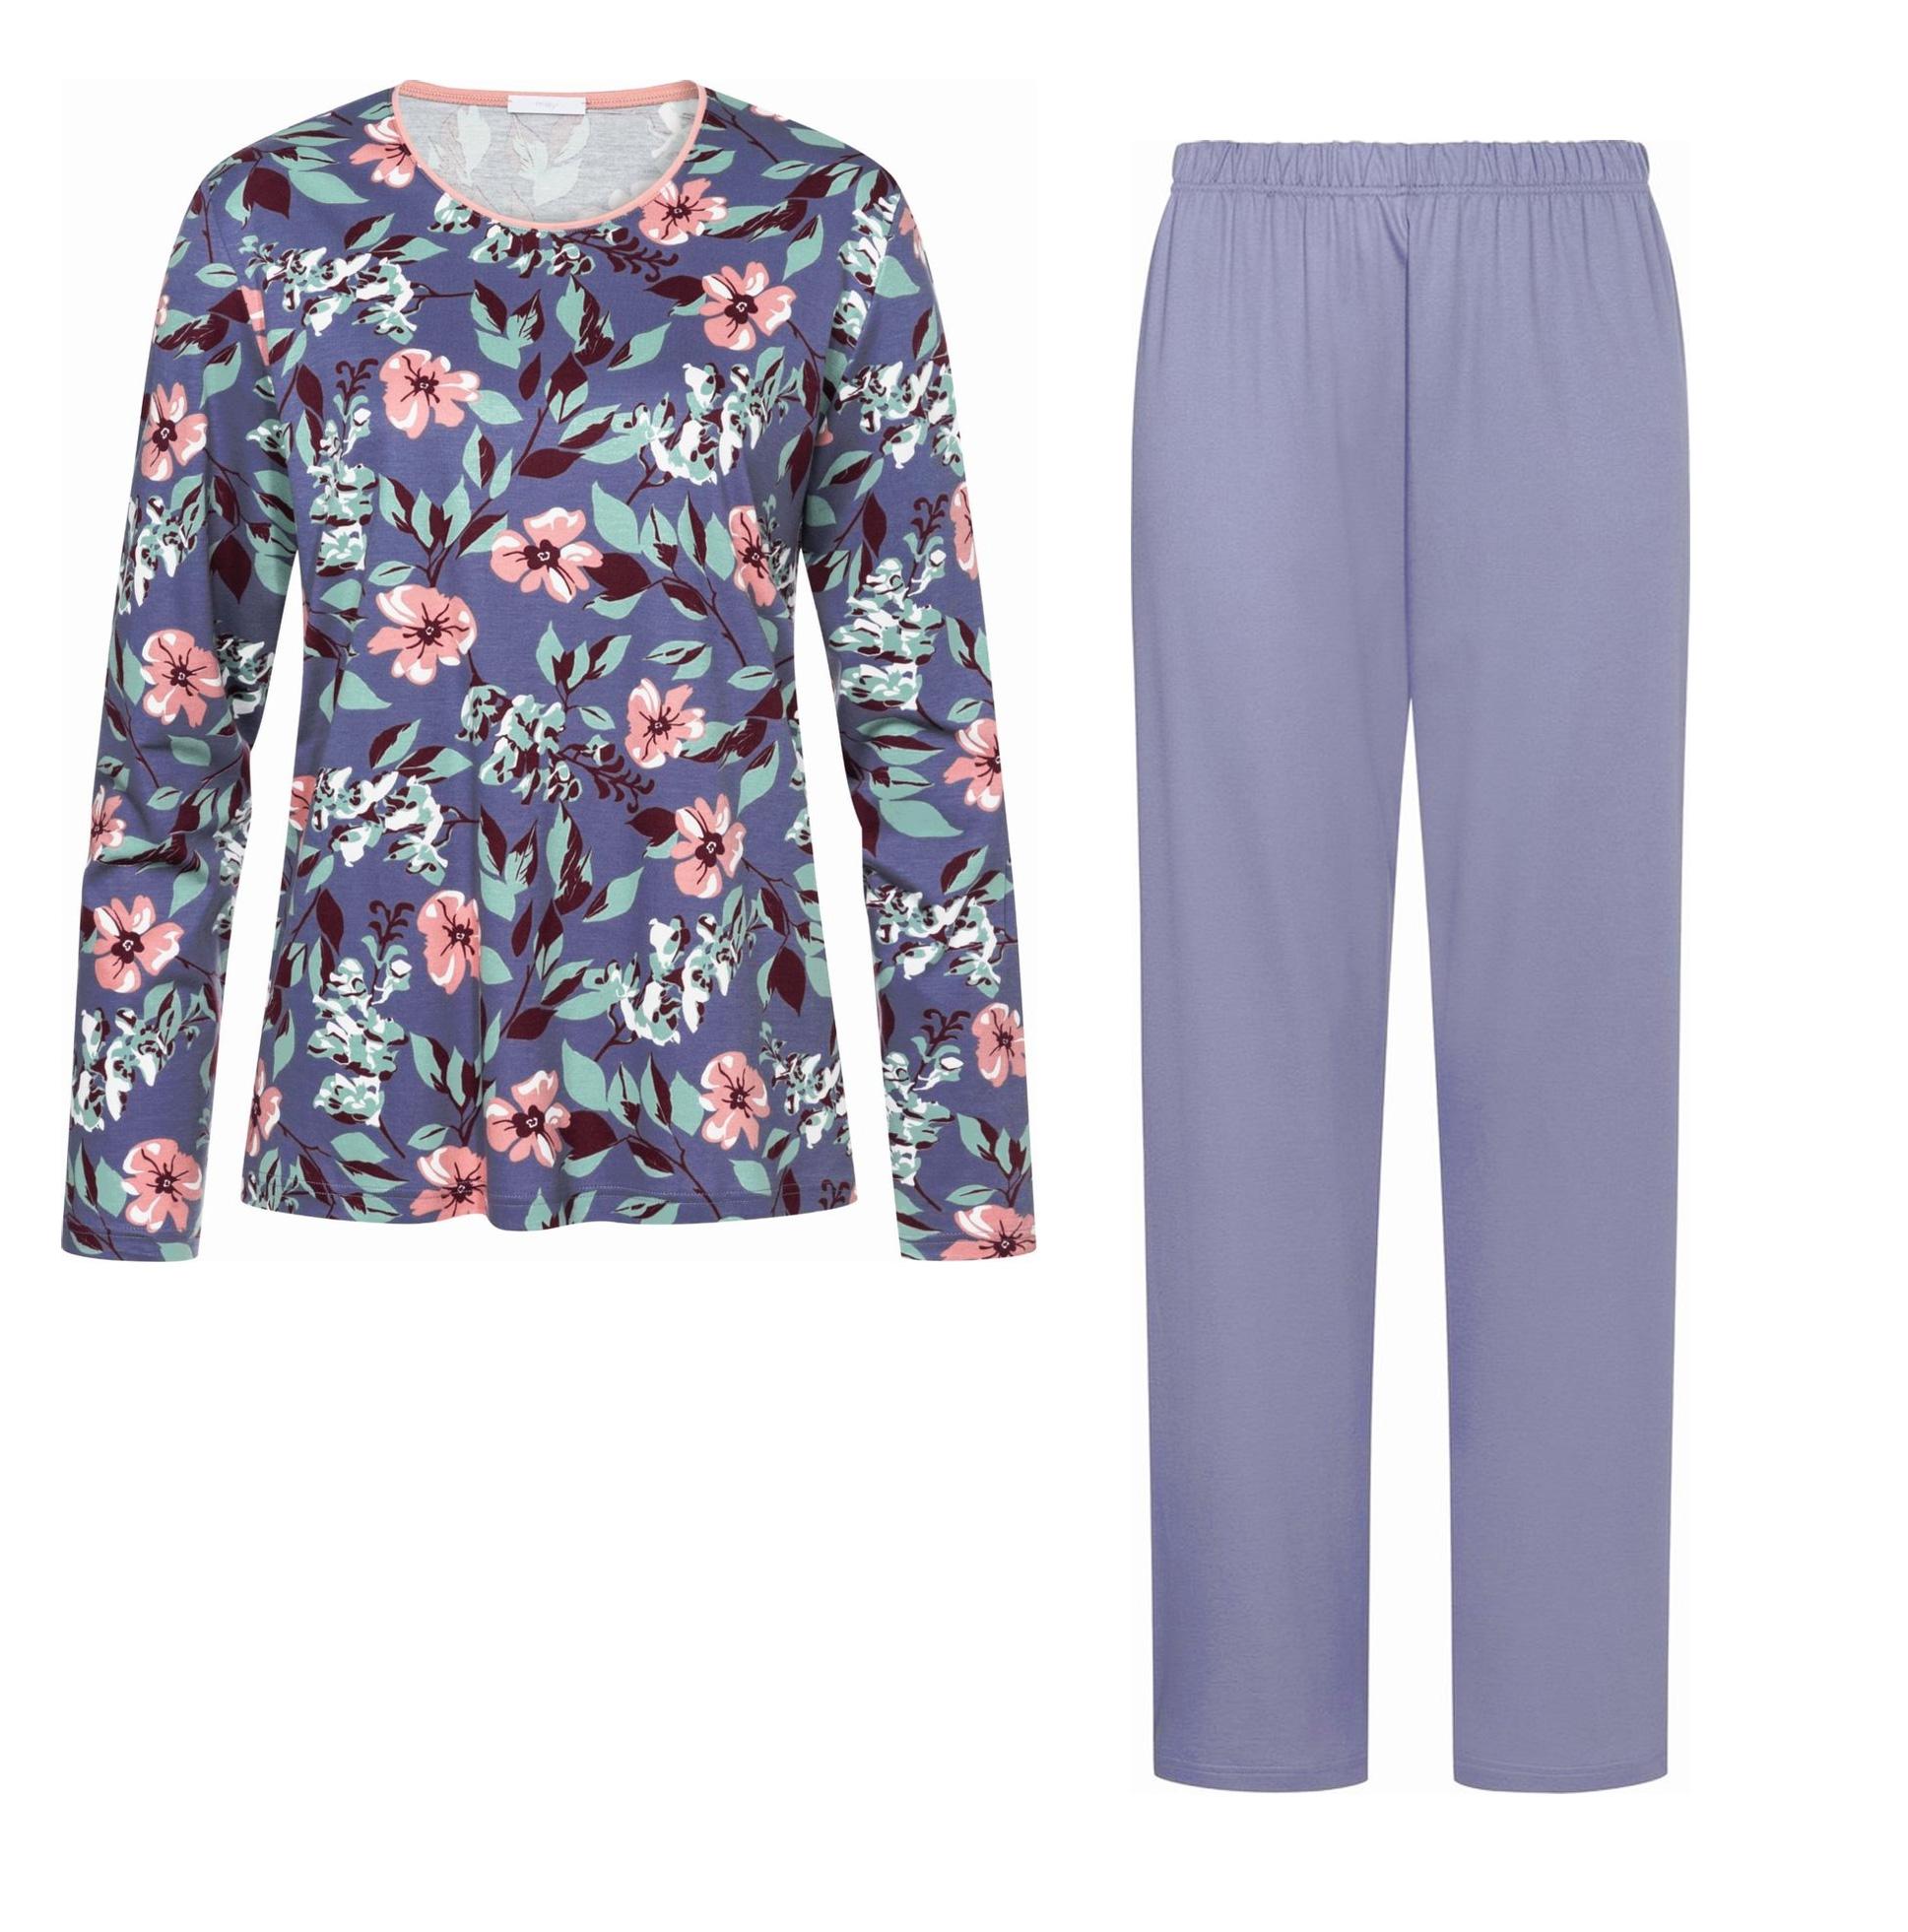 Трикотажная пижама (кофта, брюки) 14028 Maren синий Mey